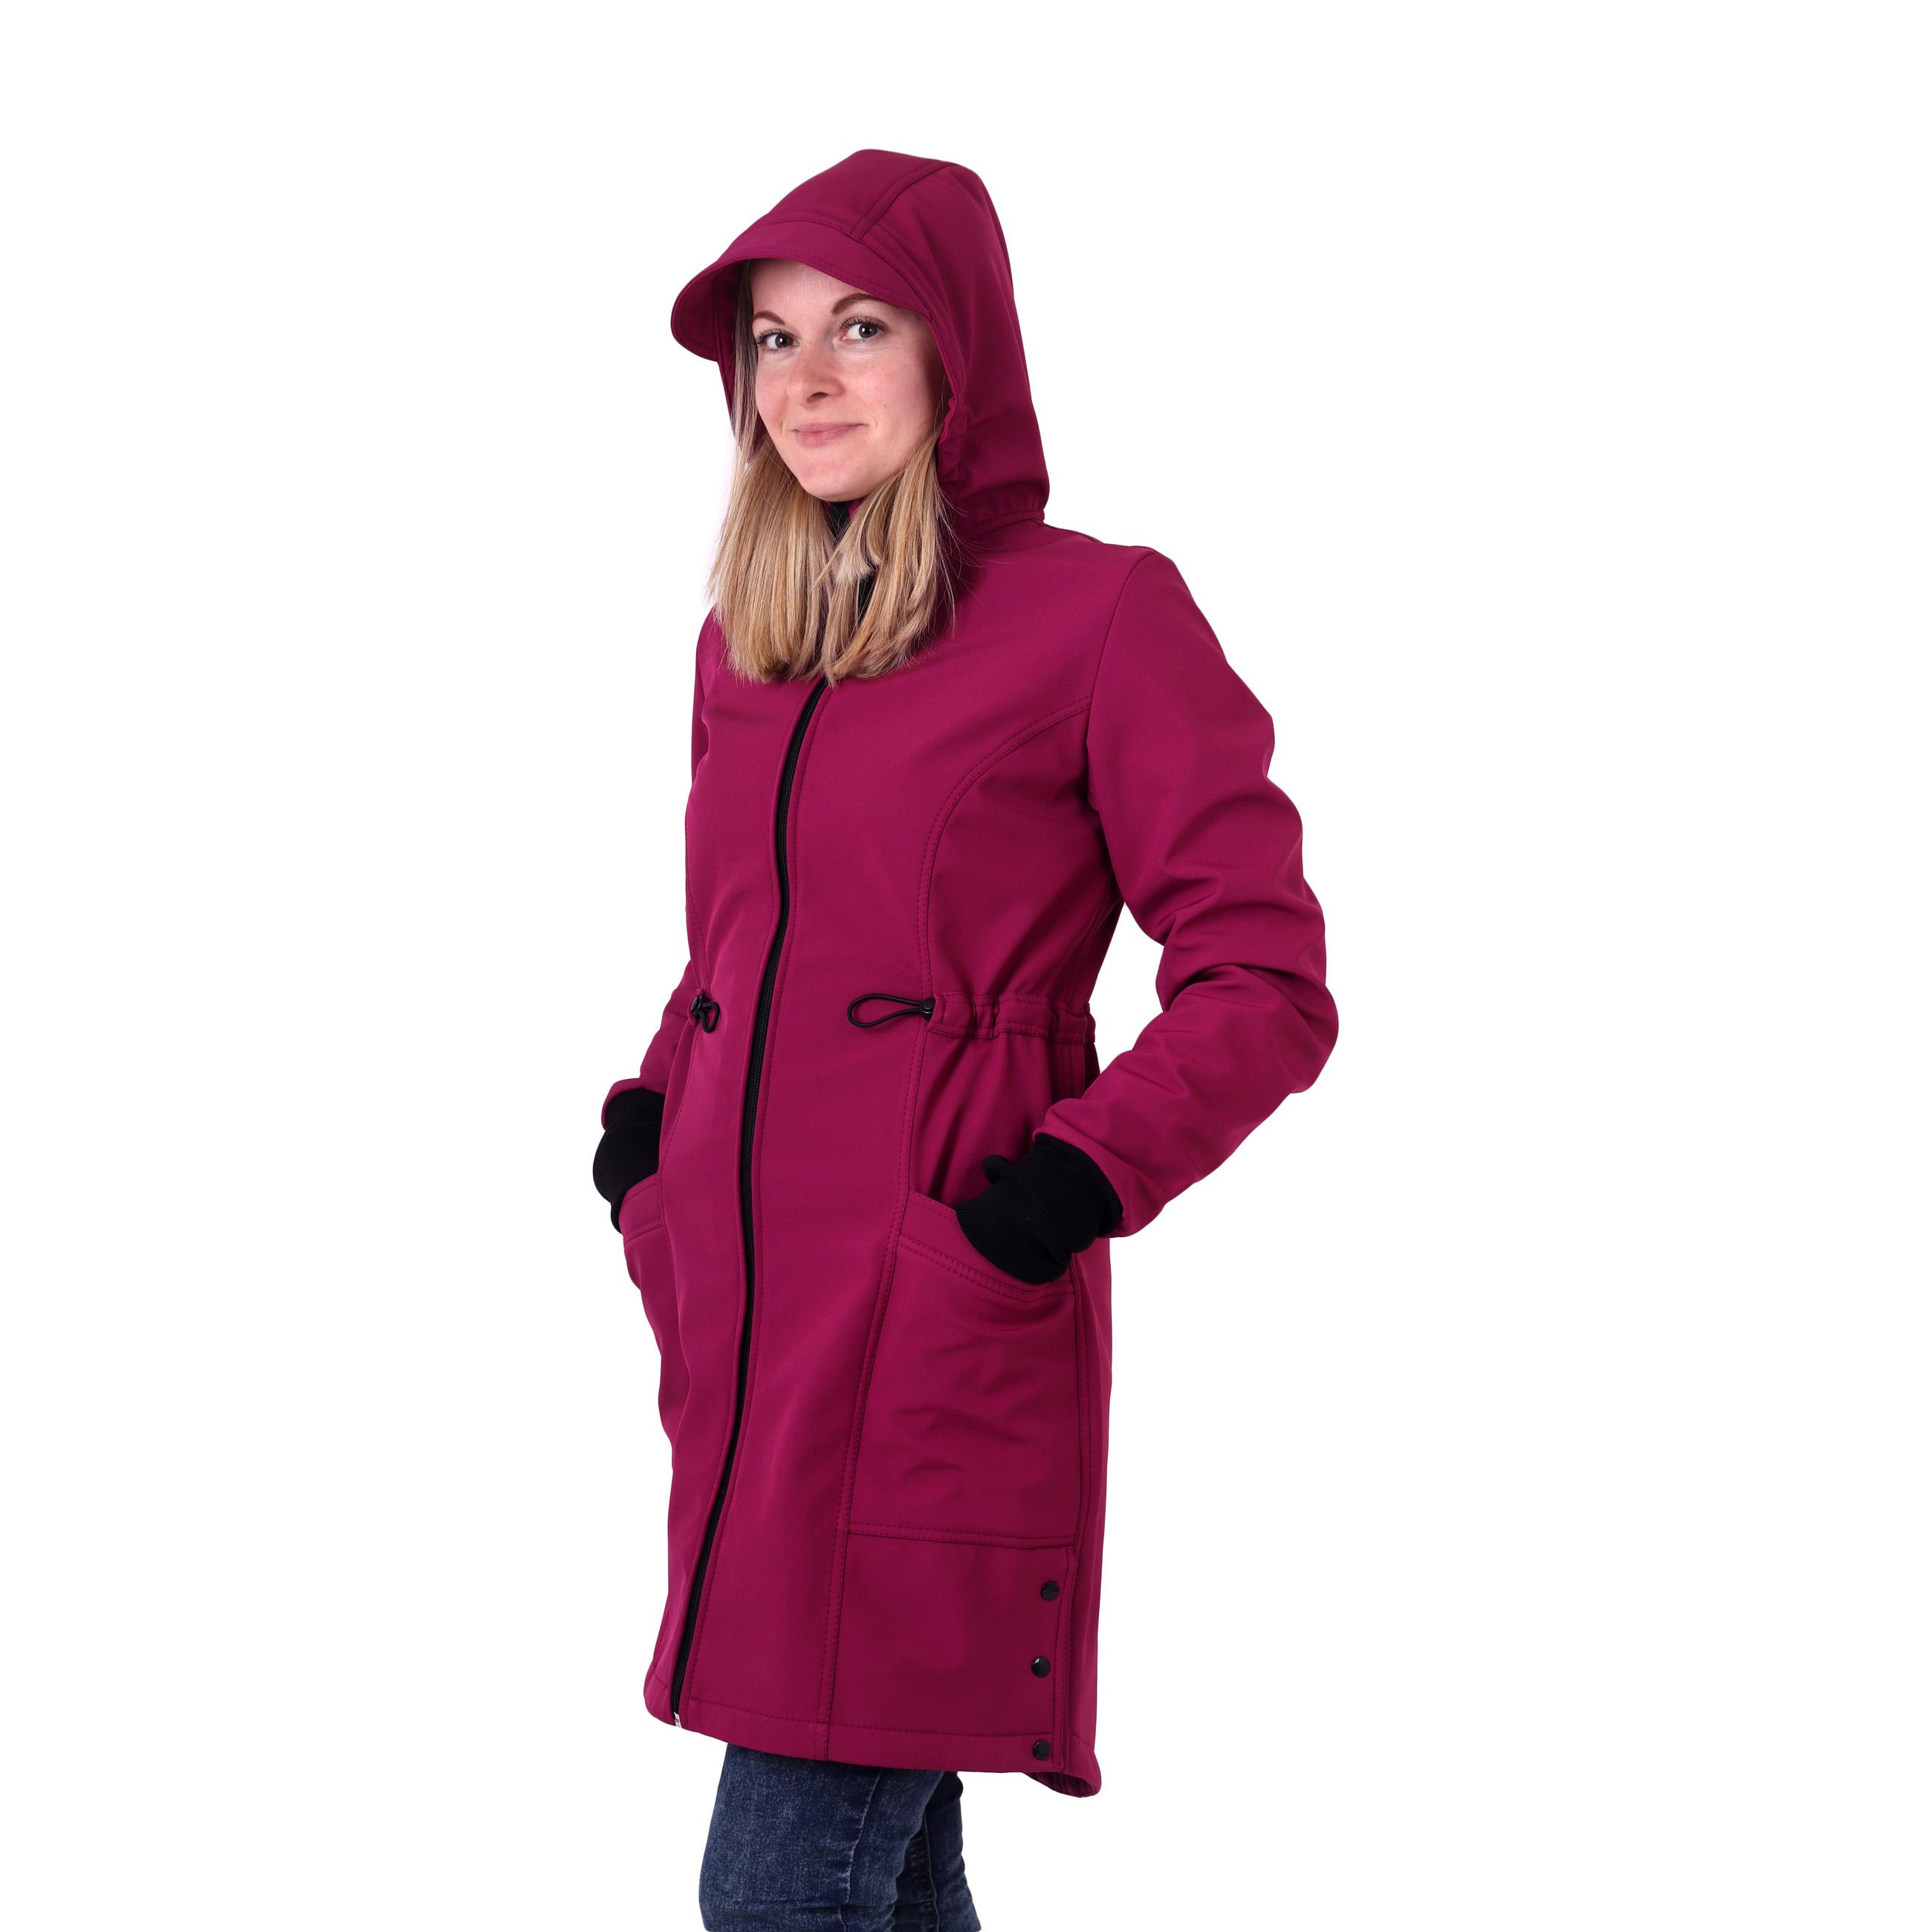 Dámský softshellový kabát hana, fuchsiový, s